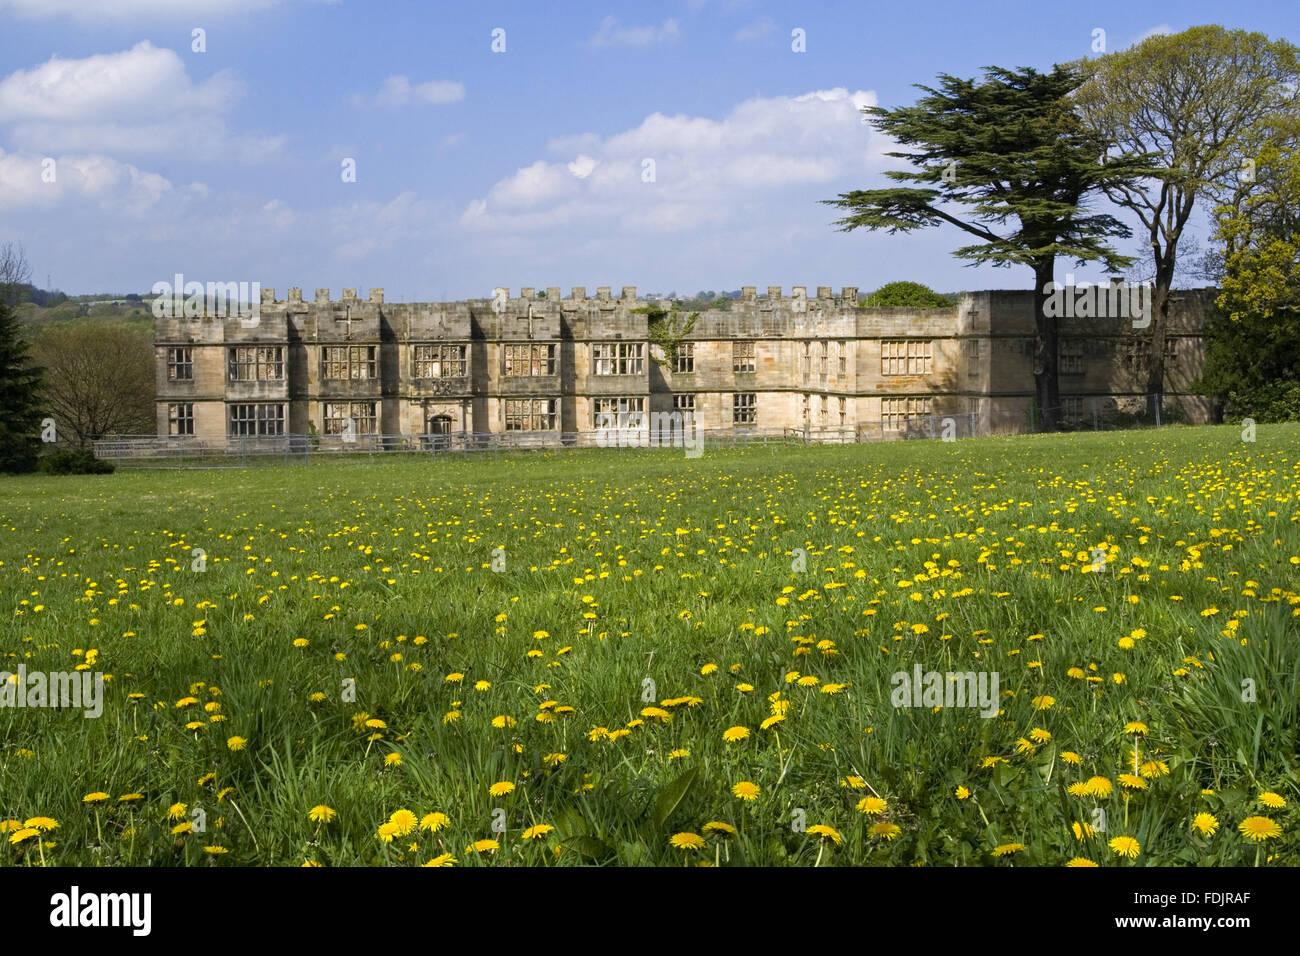 Vista su un prato di fiori selvaggi verso la Hall costruito tra il 1603 e il 1620, con alterazioni in entrambi del XVIII e del XIX secolo, a Gibside, Newcastle upon Tyne. George Bowes eredita le proprietà nel 1722 e paesaggistici terreni intorno Gibside Hall. Foto Stock